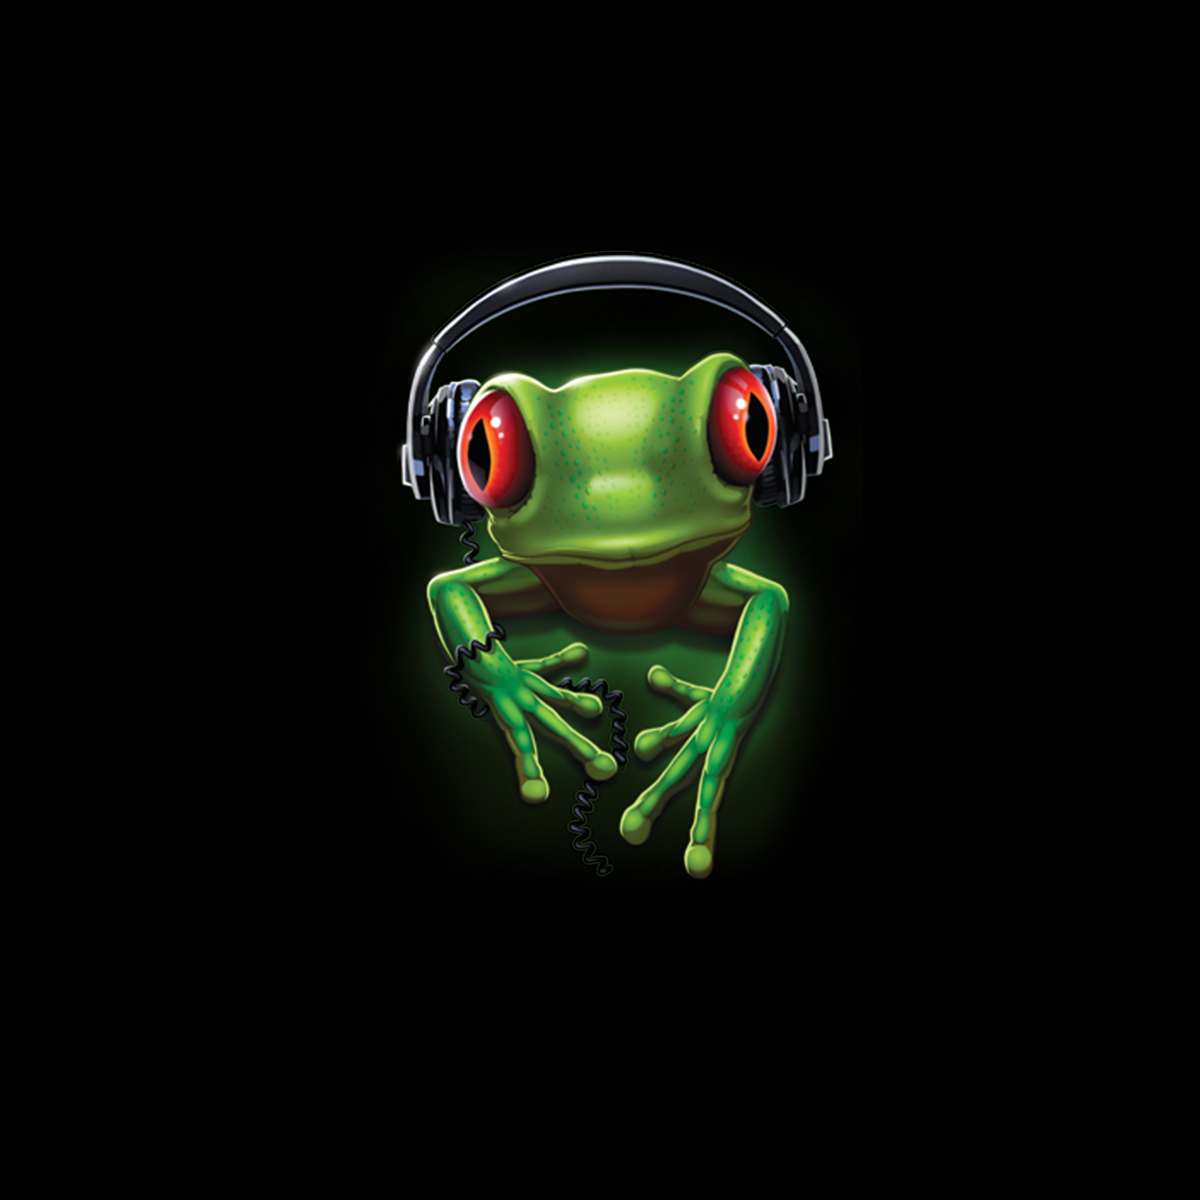 Frosch Rock Kopfhörer s Damen T-shirt S-3XL Neu